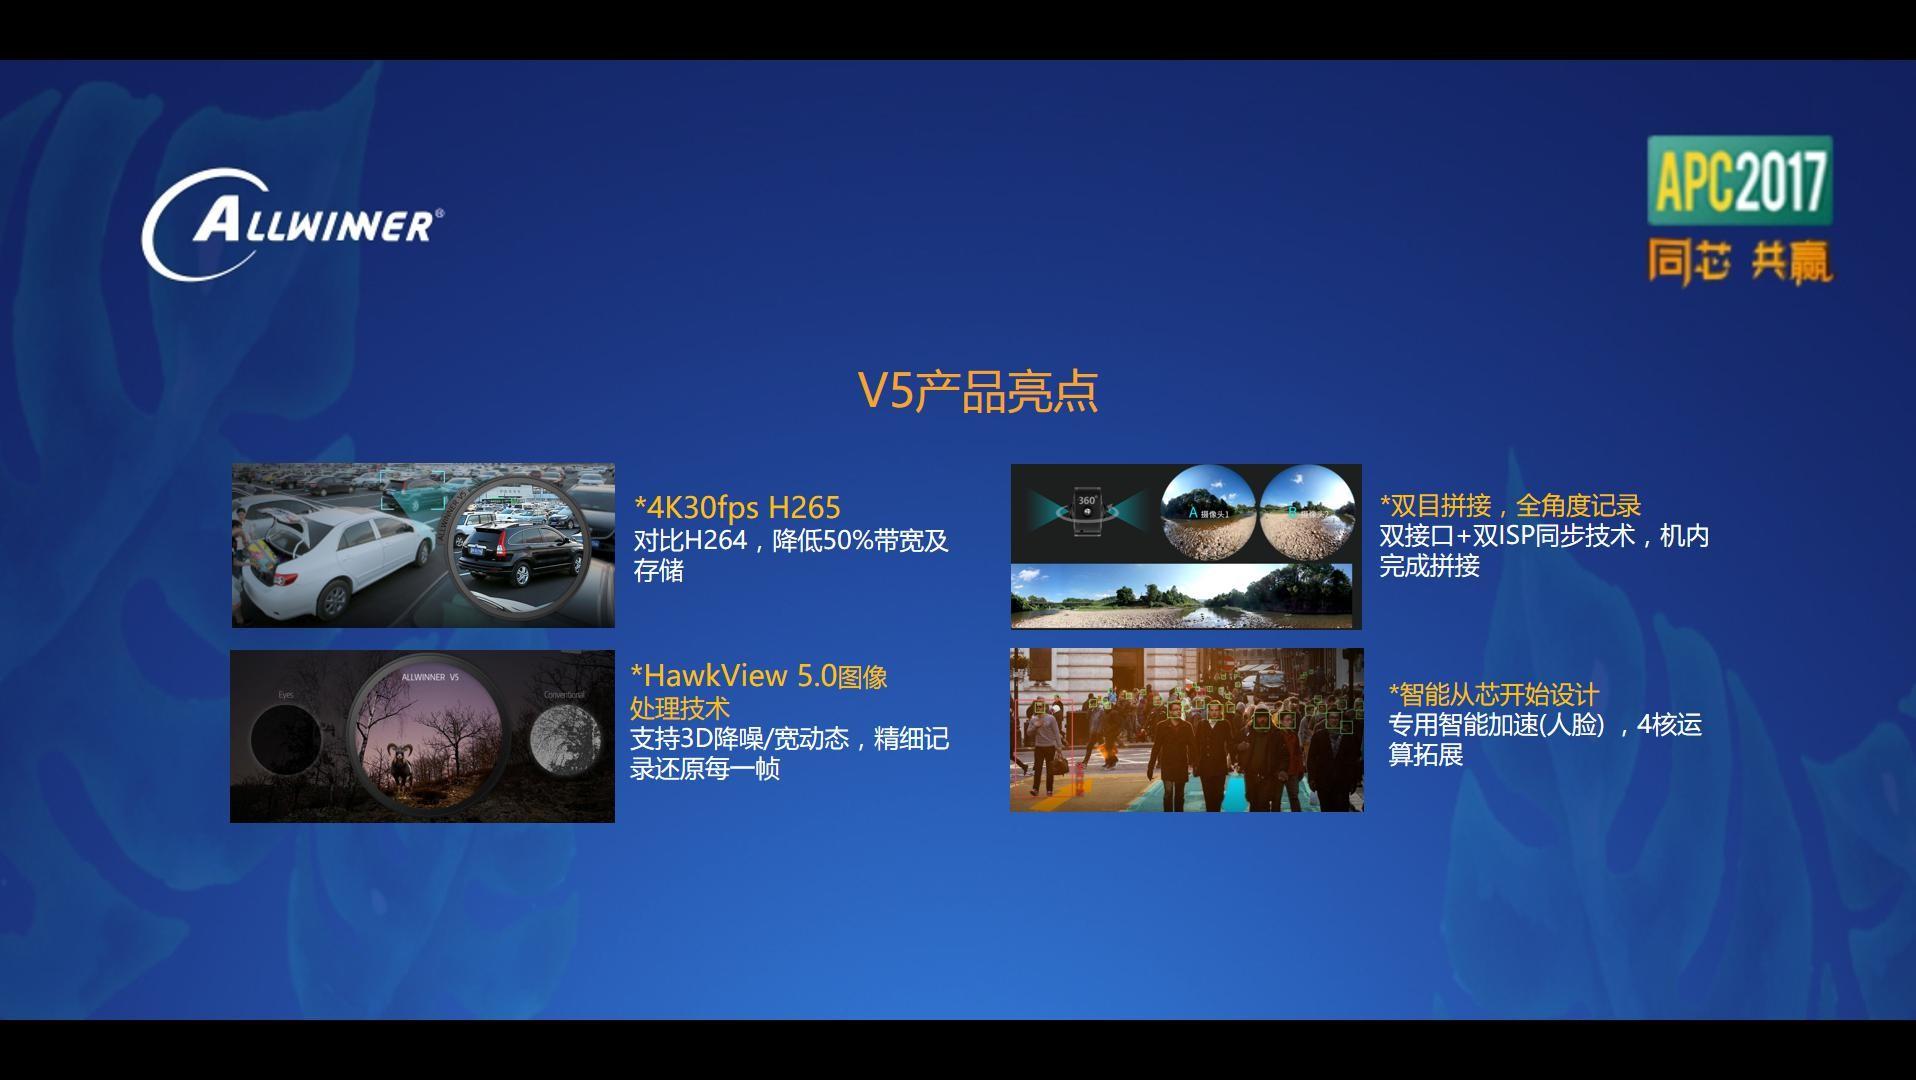 全志正式发布V5系列新一代编码处理器 迈向双目智能影像市场